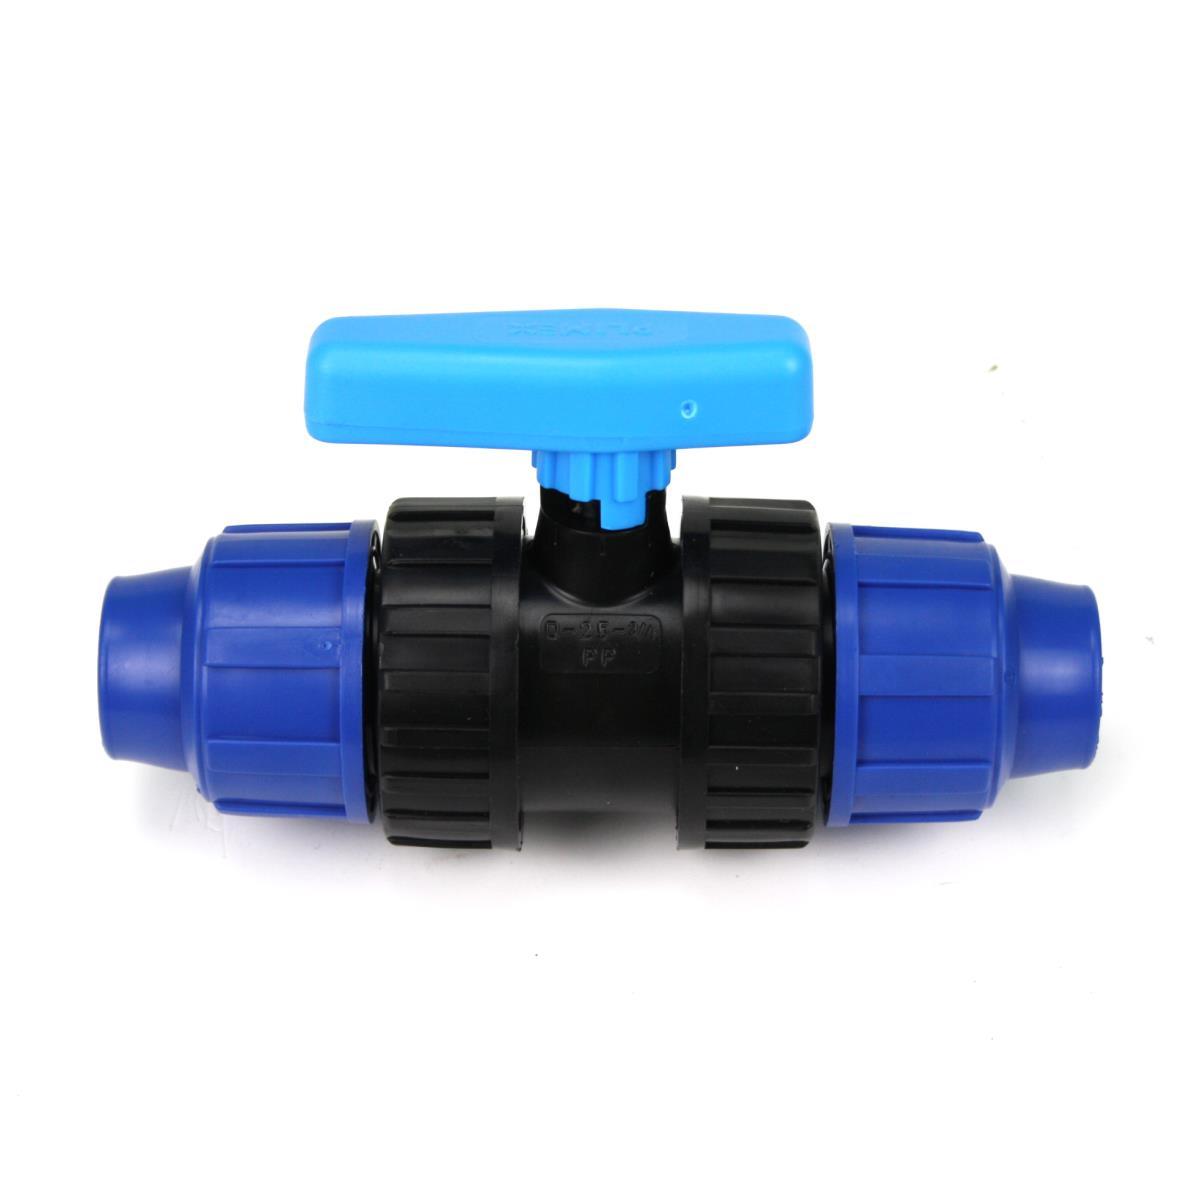 PP Rohr Verschraubung Blau PN16 Klemmfitting, Kugelhahn 32 x 32,Diverse,07013030, 5996361019957